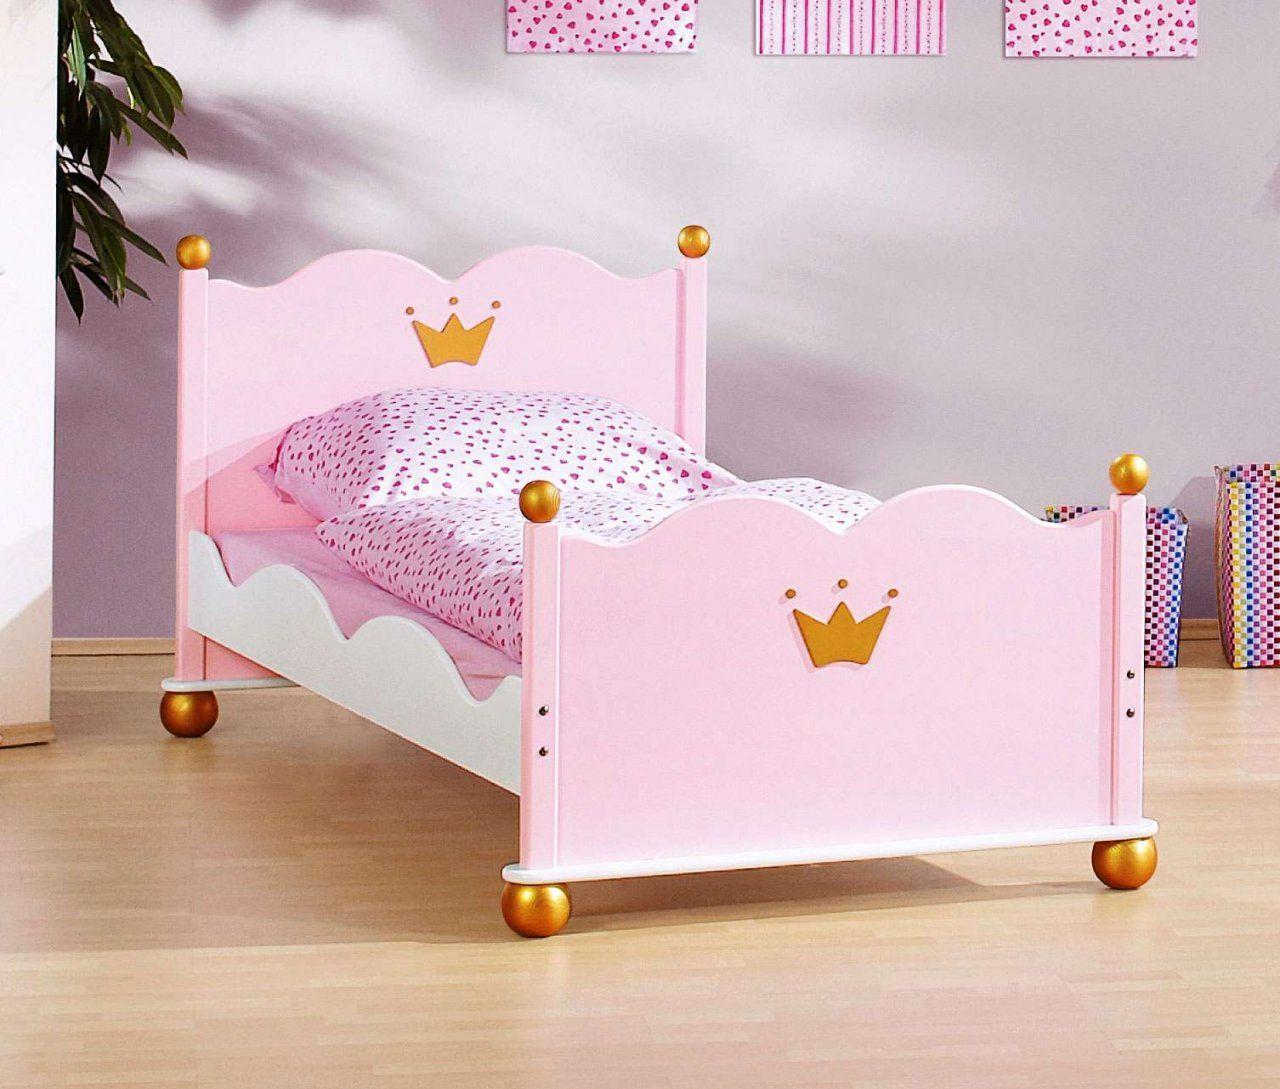 40 Frisch Fotografie Von Kinderbett Selber Bauen Prinzessin von Kinderbett Selber Bauen Prinzessin Bild